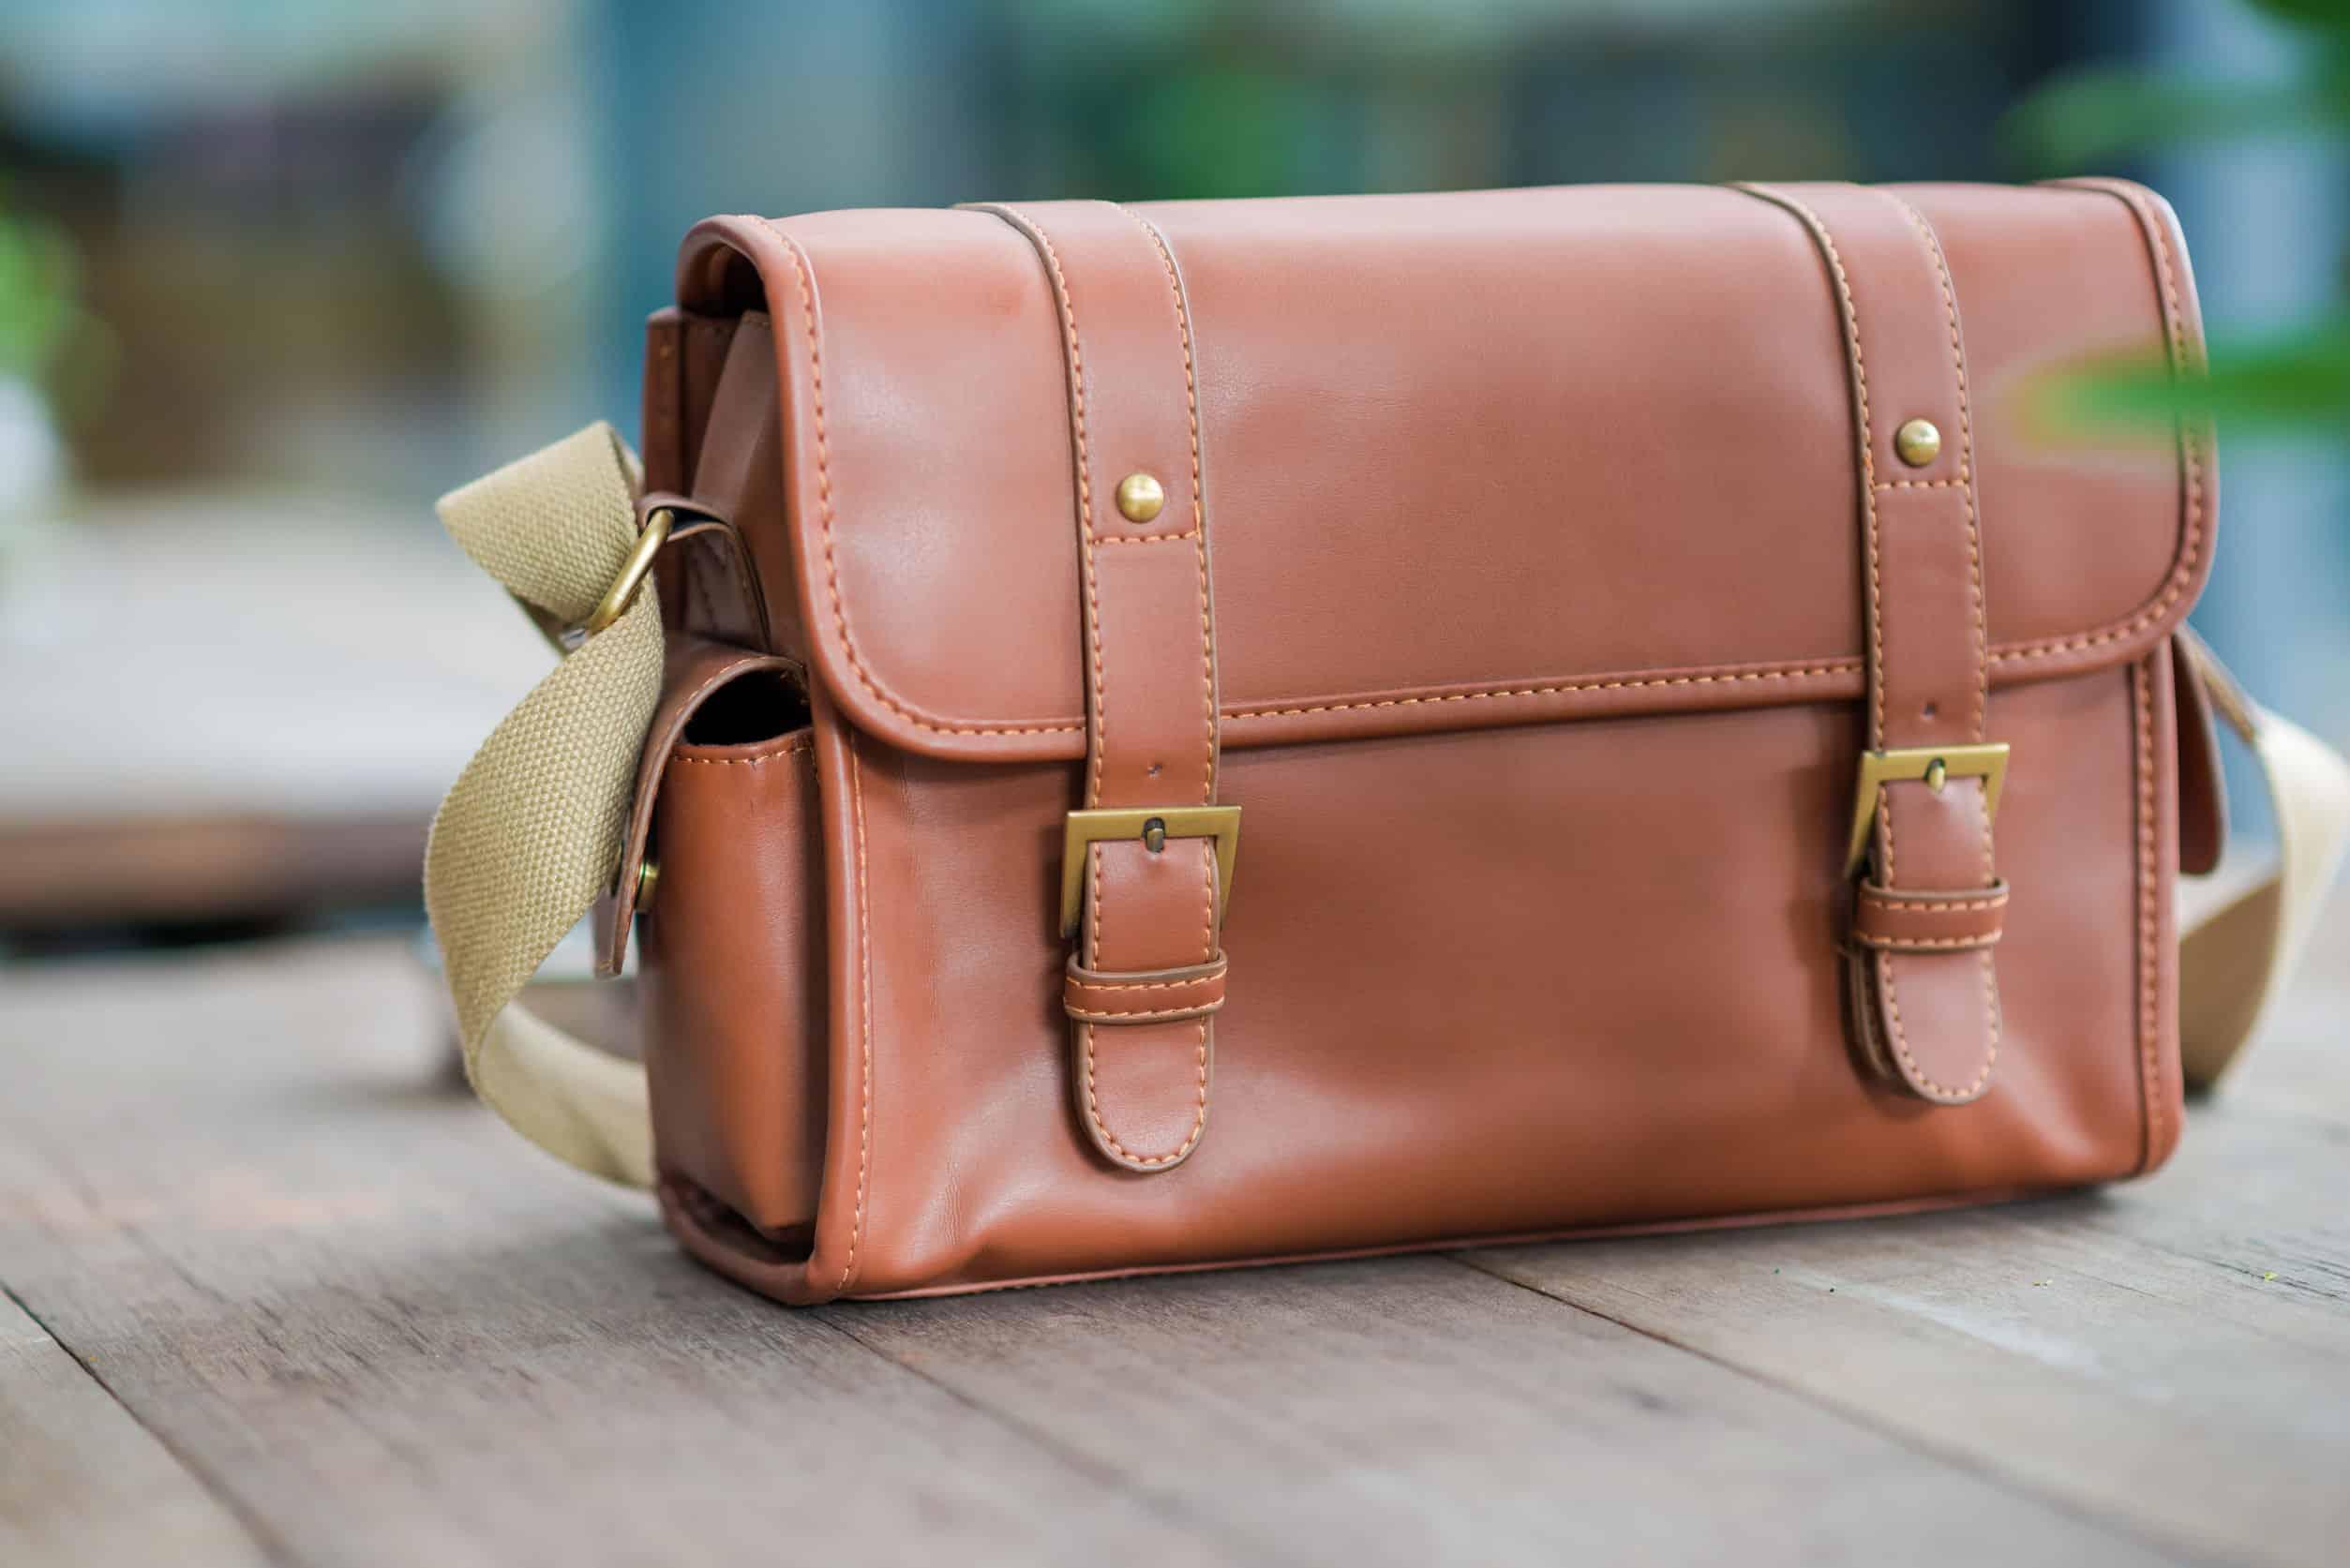 Reisetasche: Test & Empfehlungen (09/20)